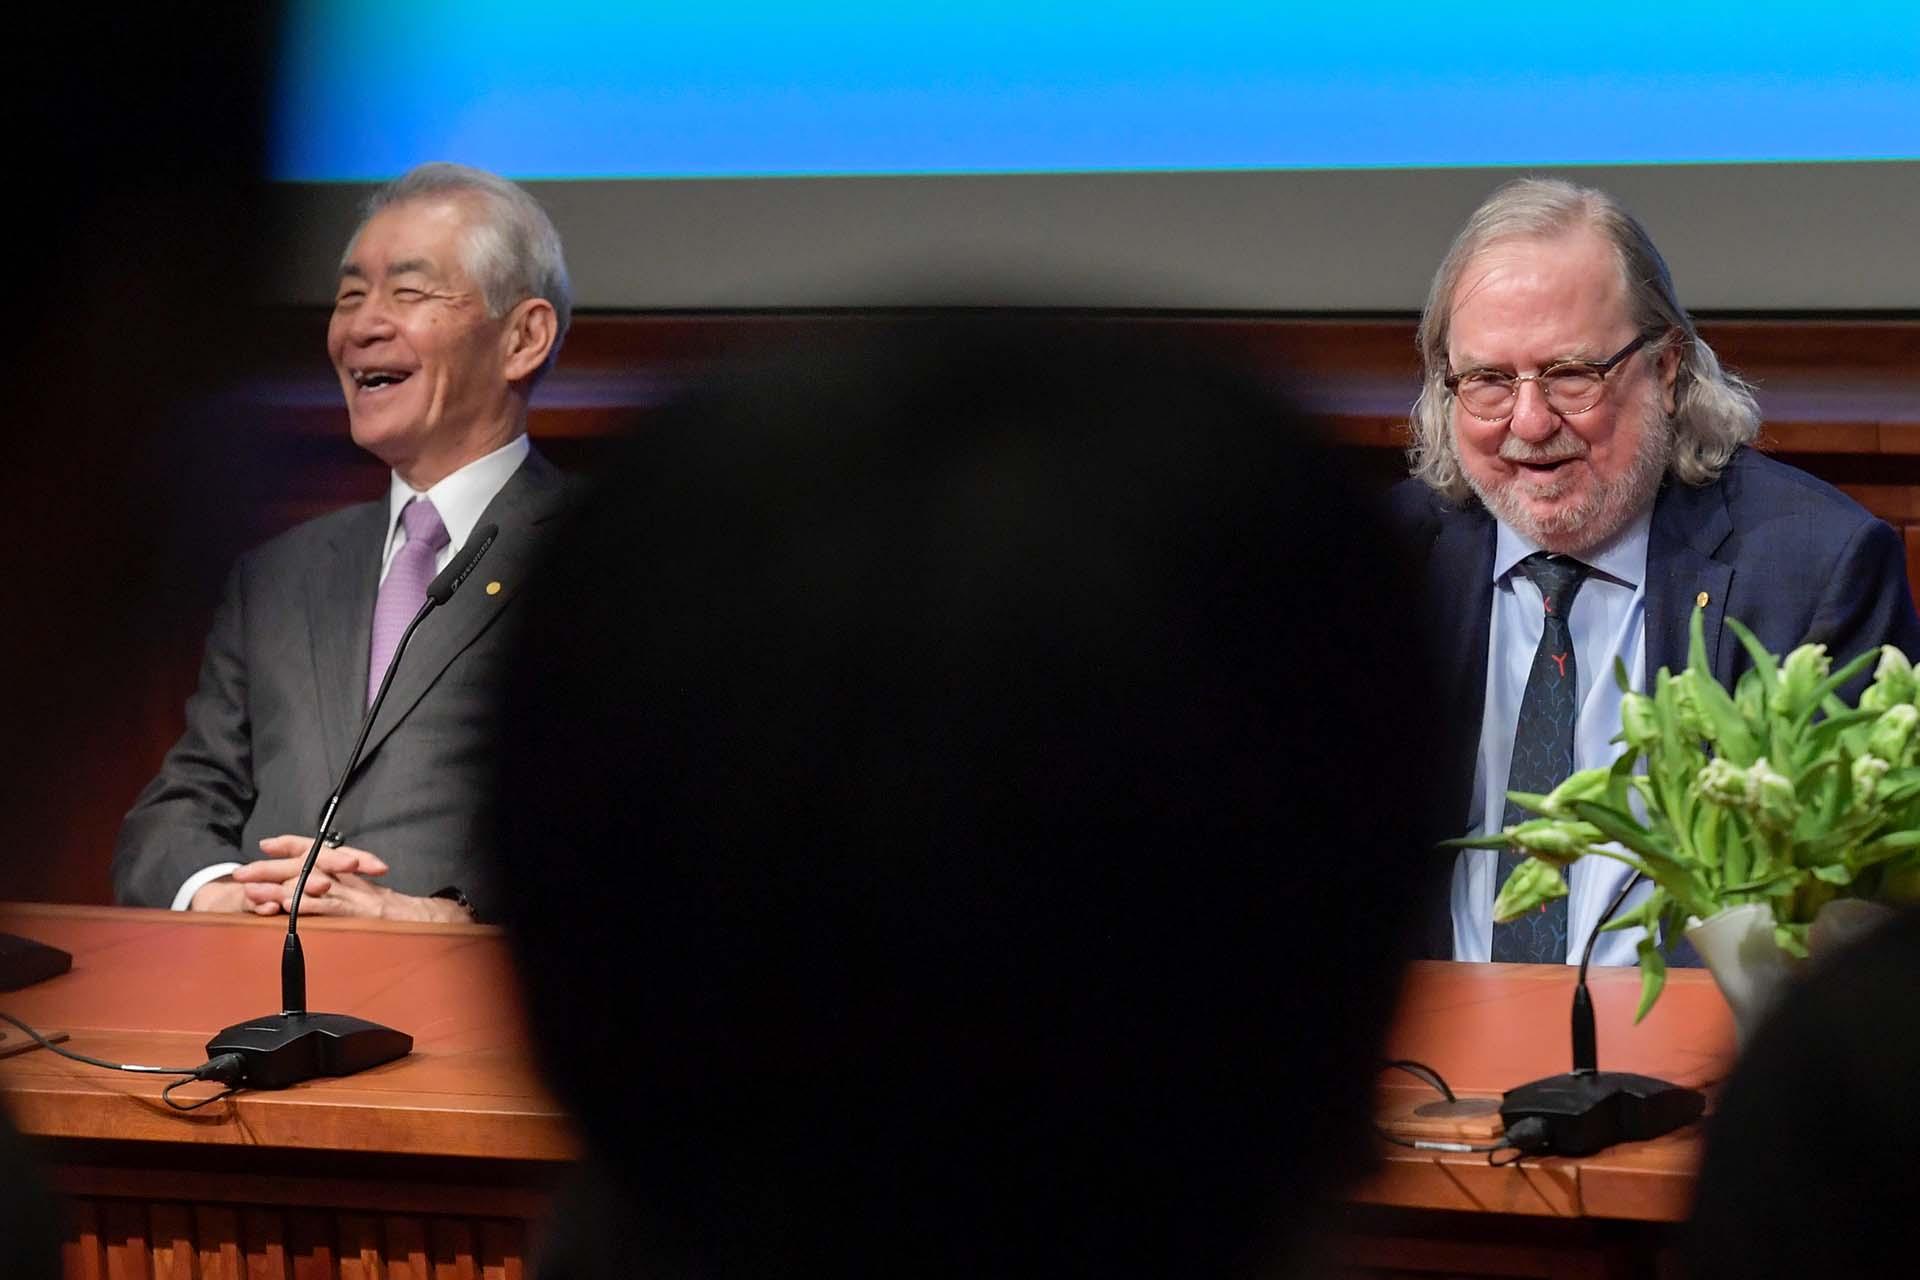 Los premios Nobel de Medicina Tasuko Honjo y James P. Allison durante una conferencia de prensa en el Instituto Karolinska en Solna, Estocolmo, el 1° de octubre